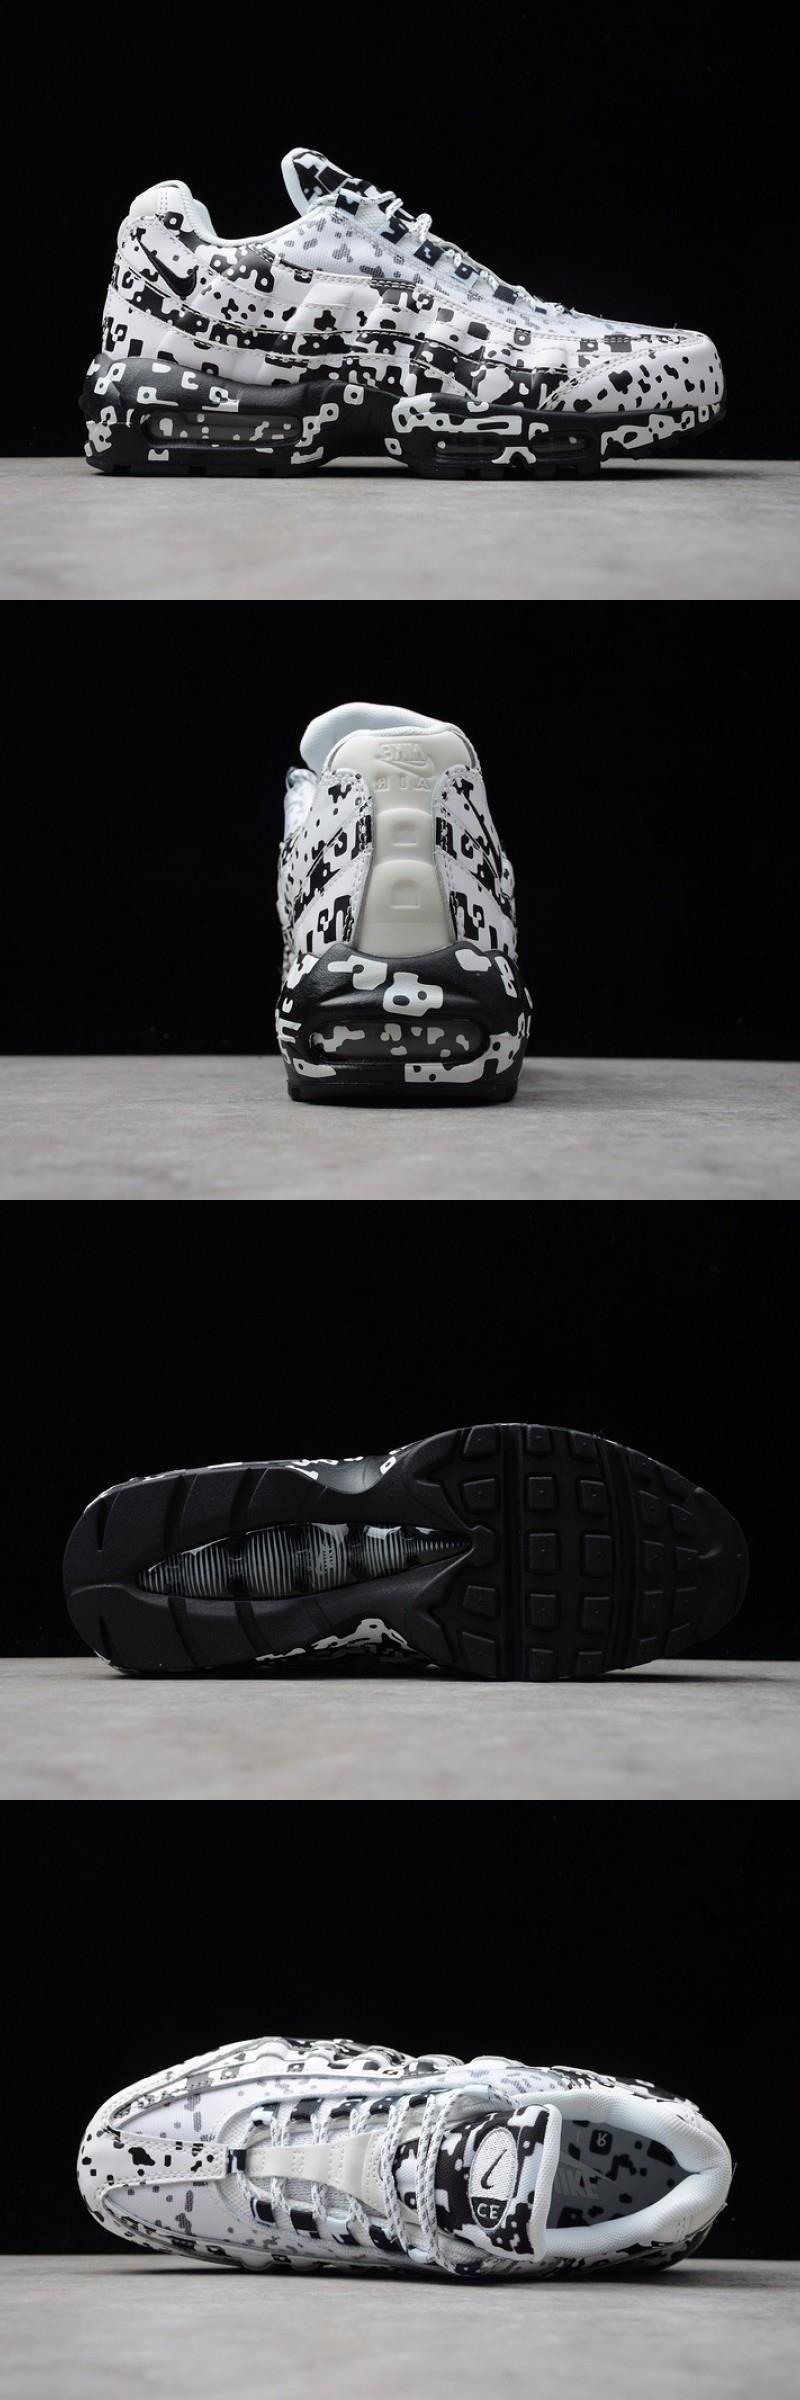 Cav Empt X Nike Air Max 95 'digi Camo' AV0765100 in 2020